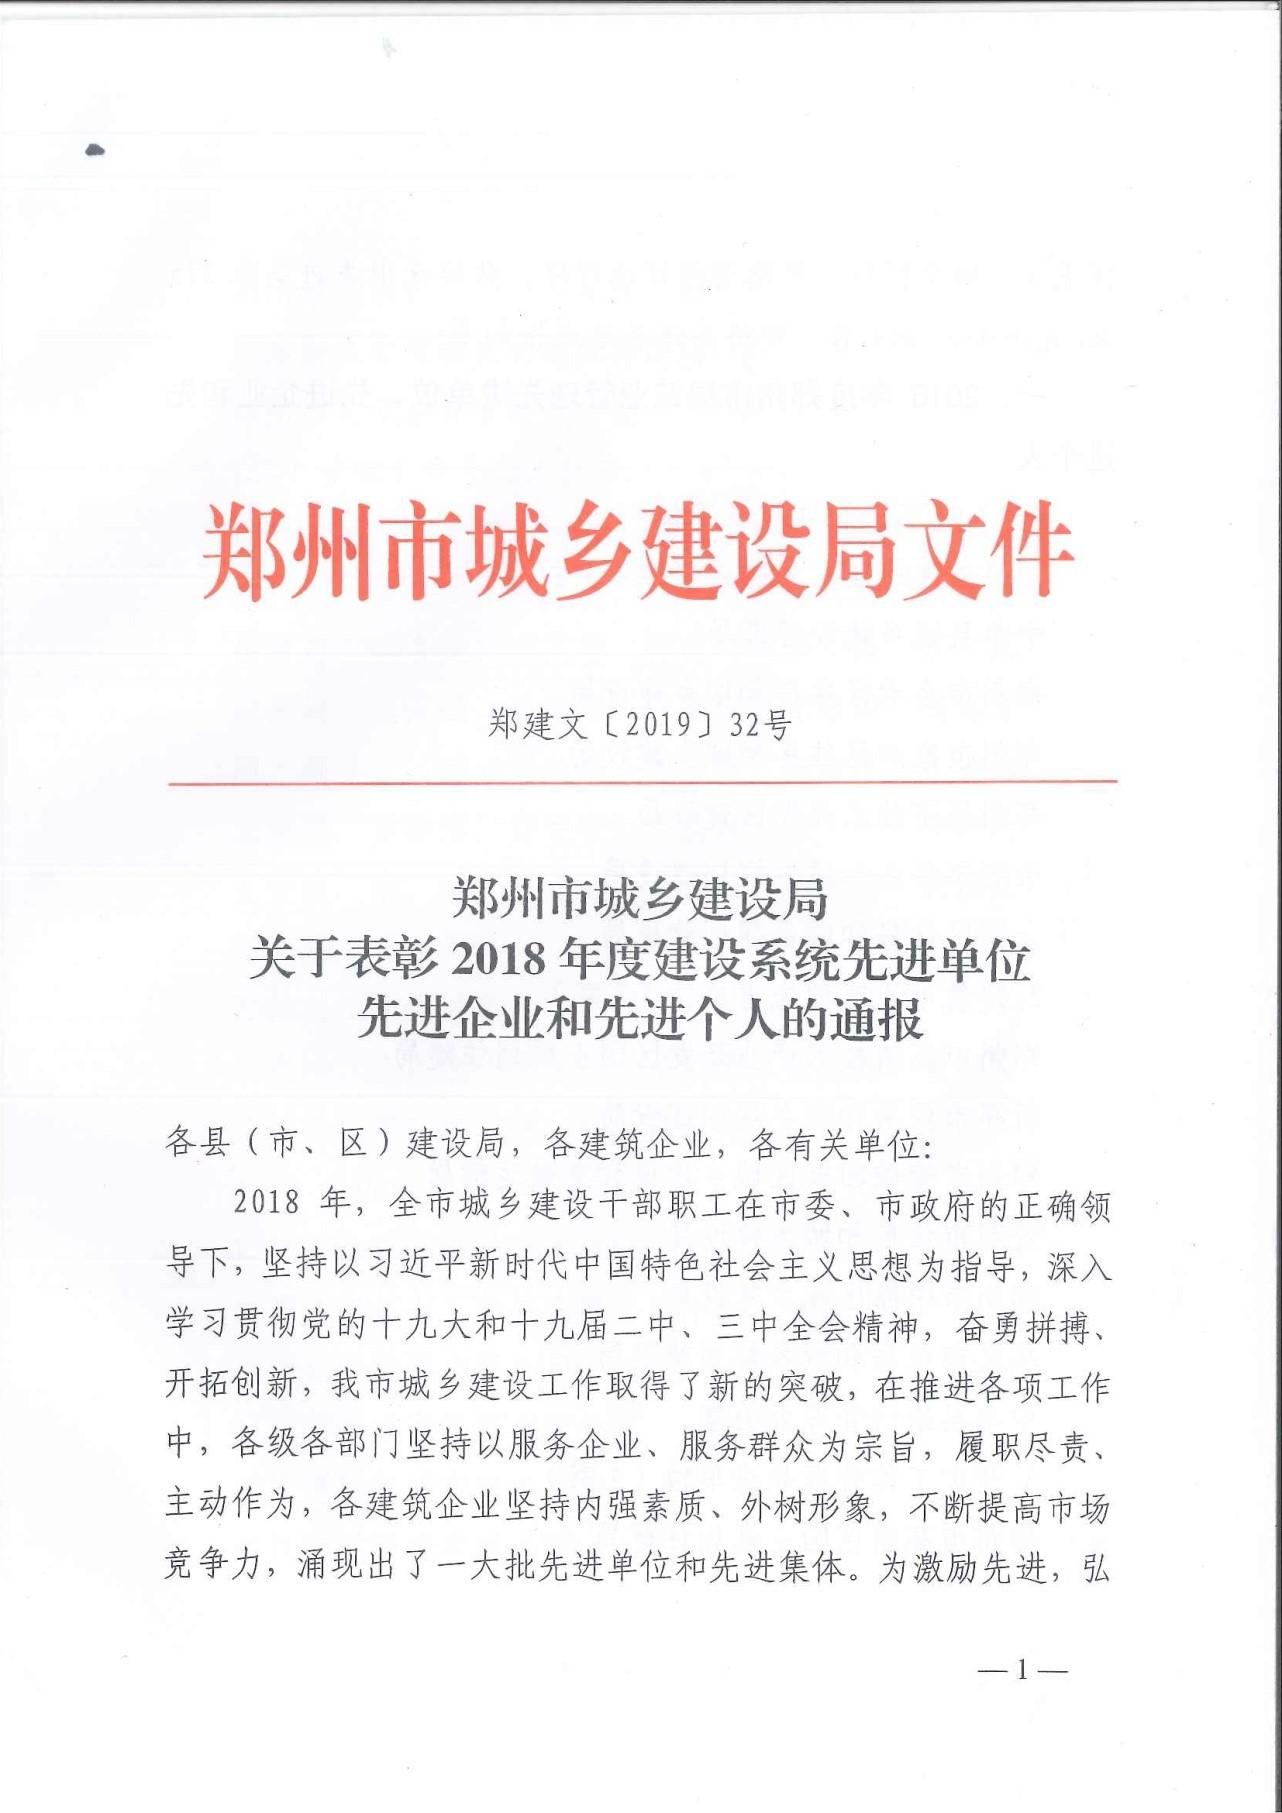 祝贺我公司被评为2018年度郑州市勘察设计行业先